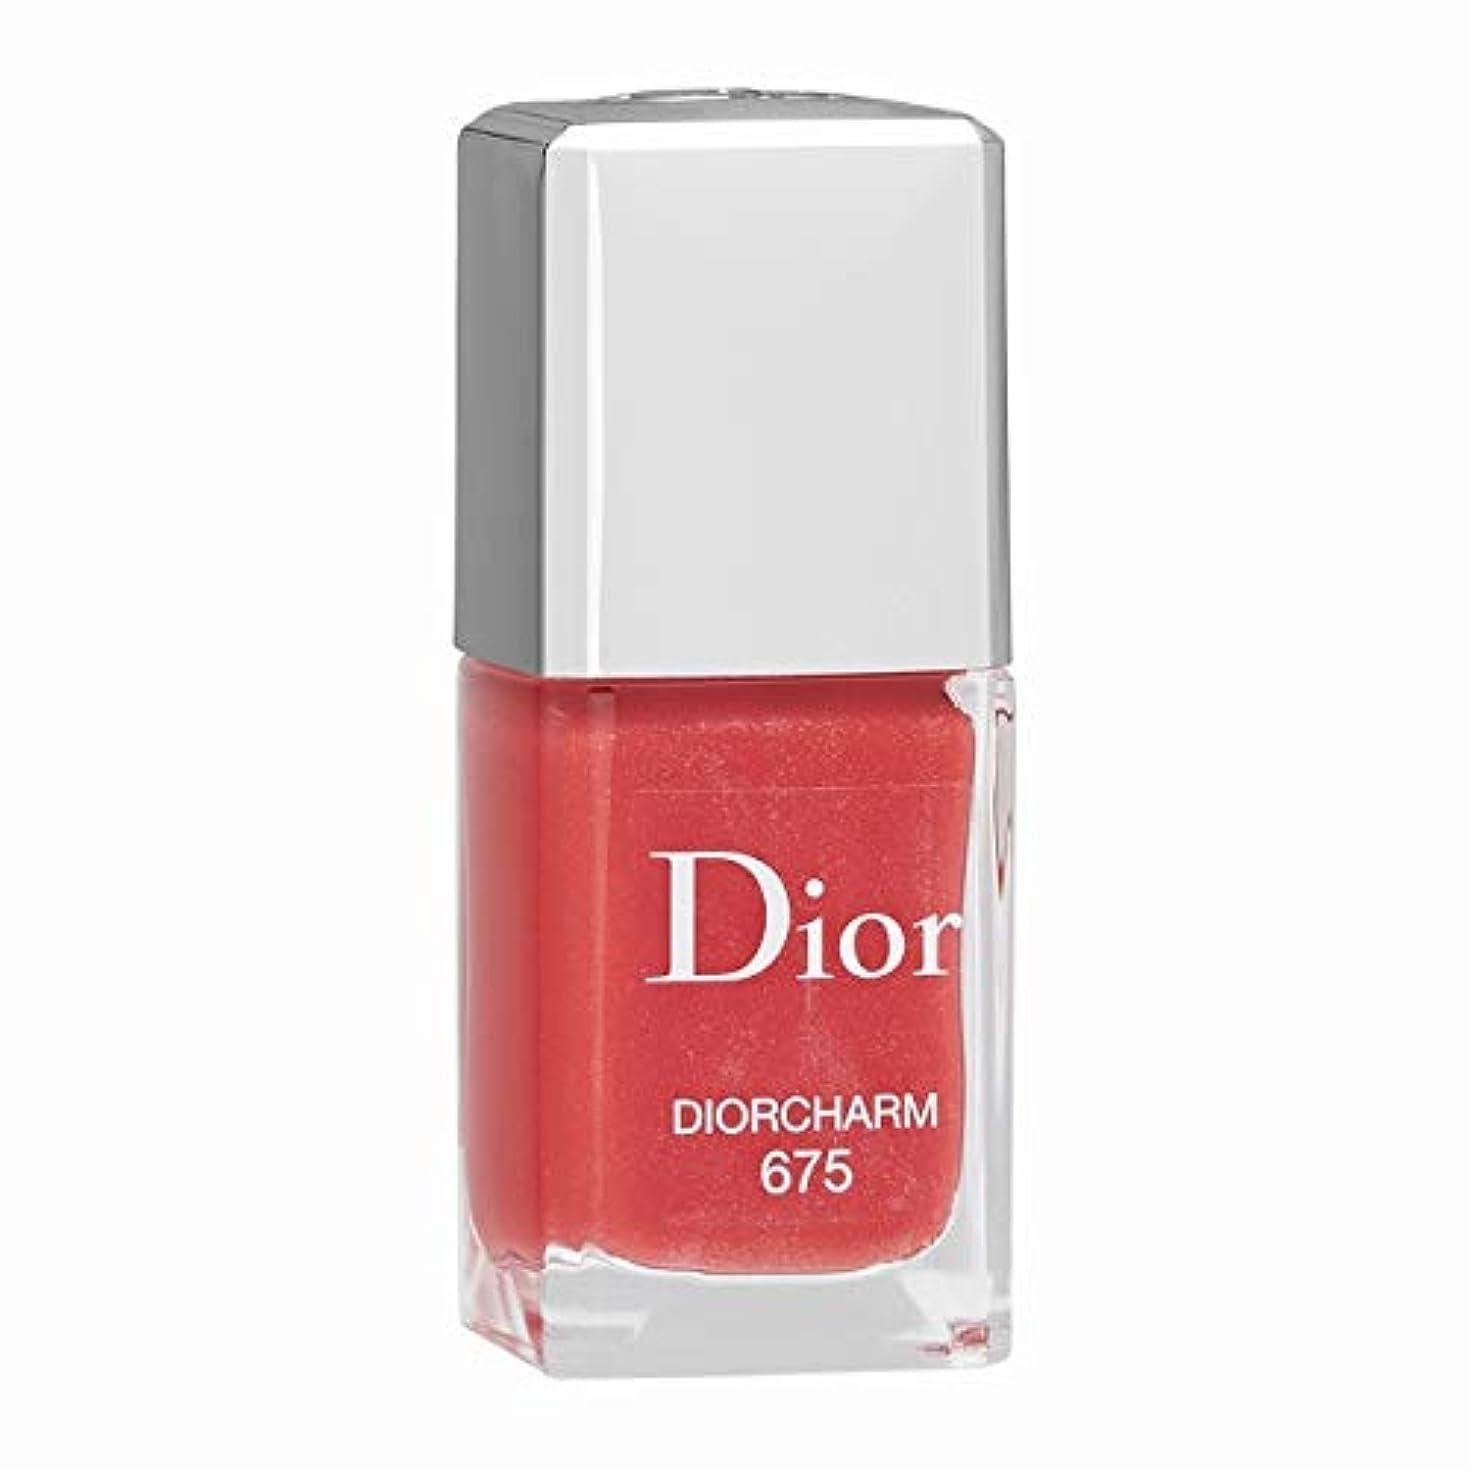 ジャグリング合わせて不機嫌そうなディオール(Dior) ディオール ヴェルニ #675(ディオールチャーム) [並行輸入品]